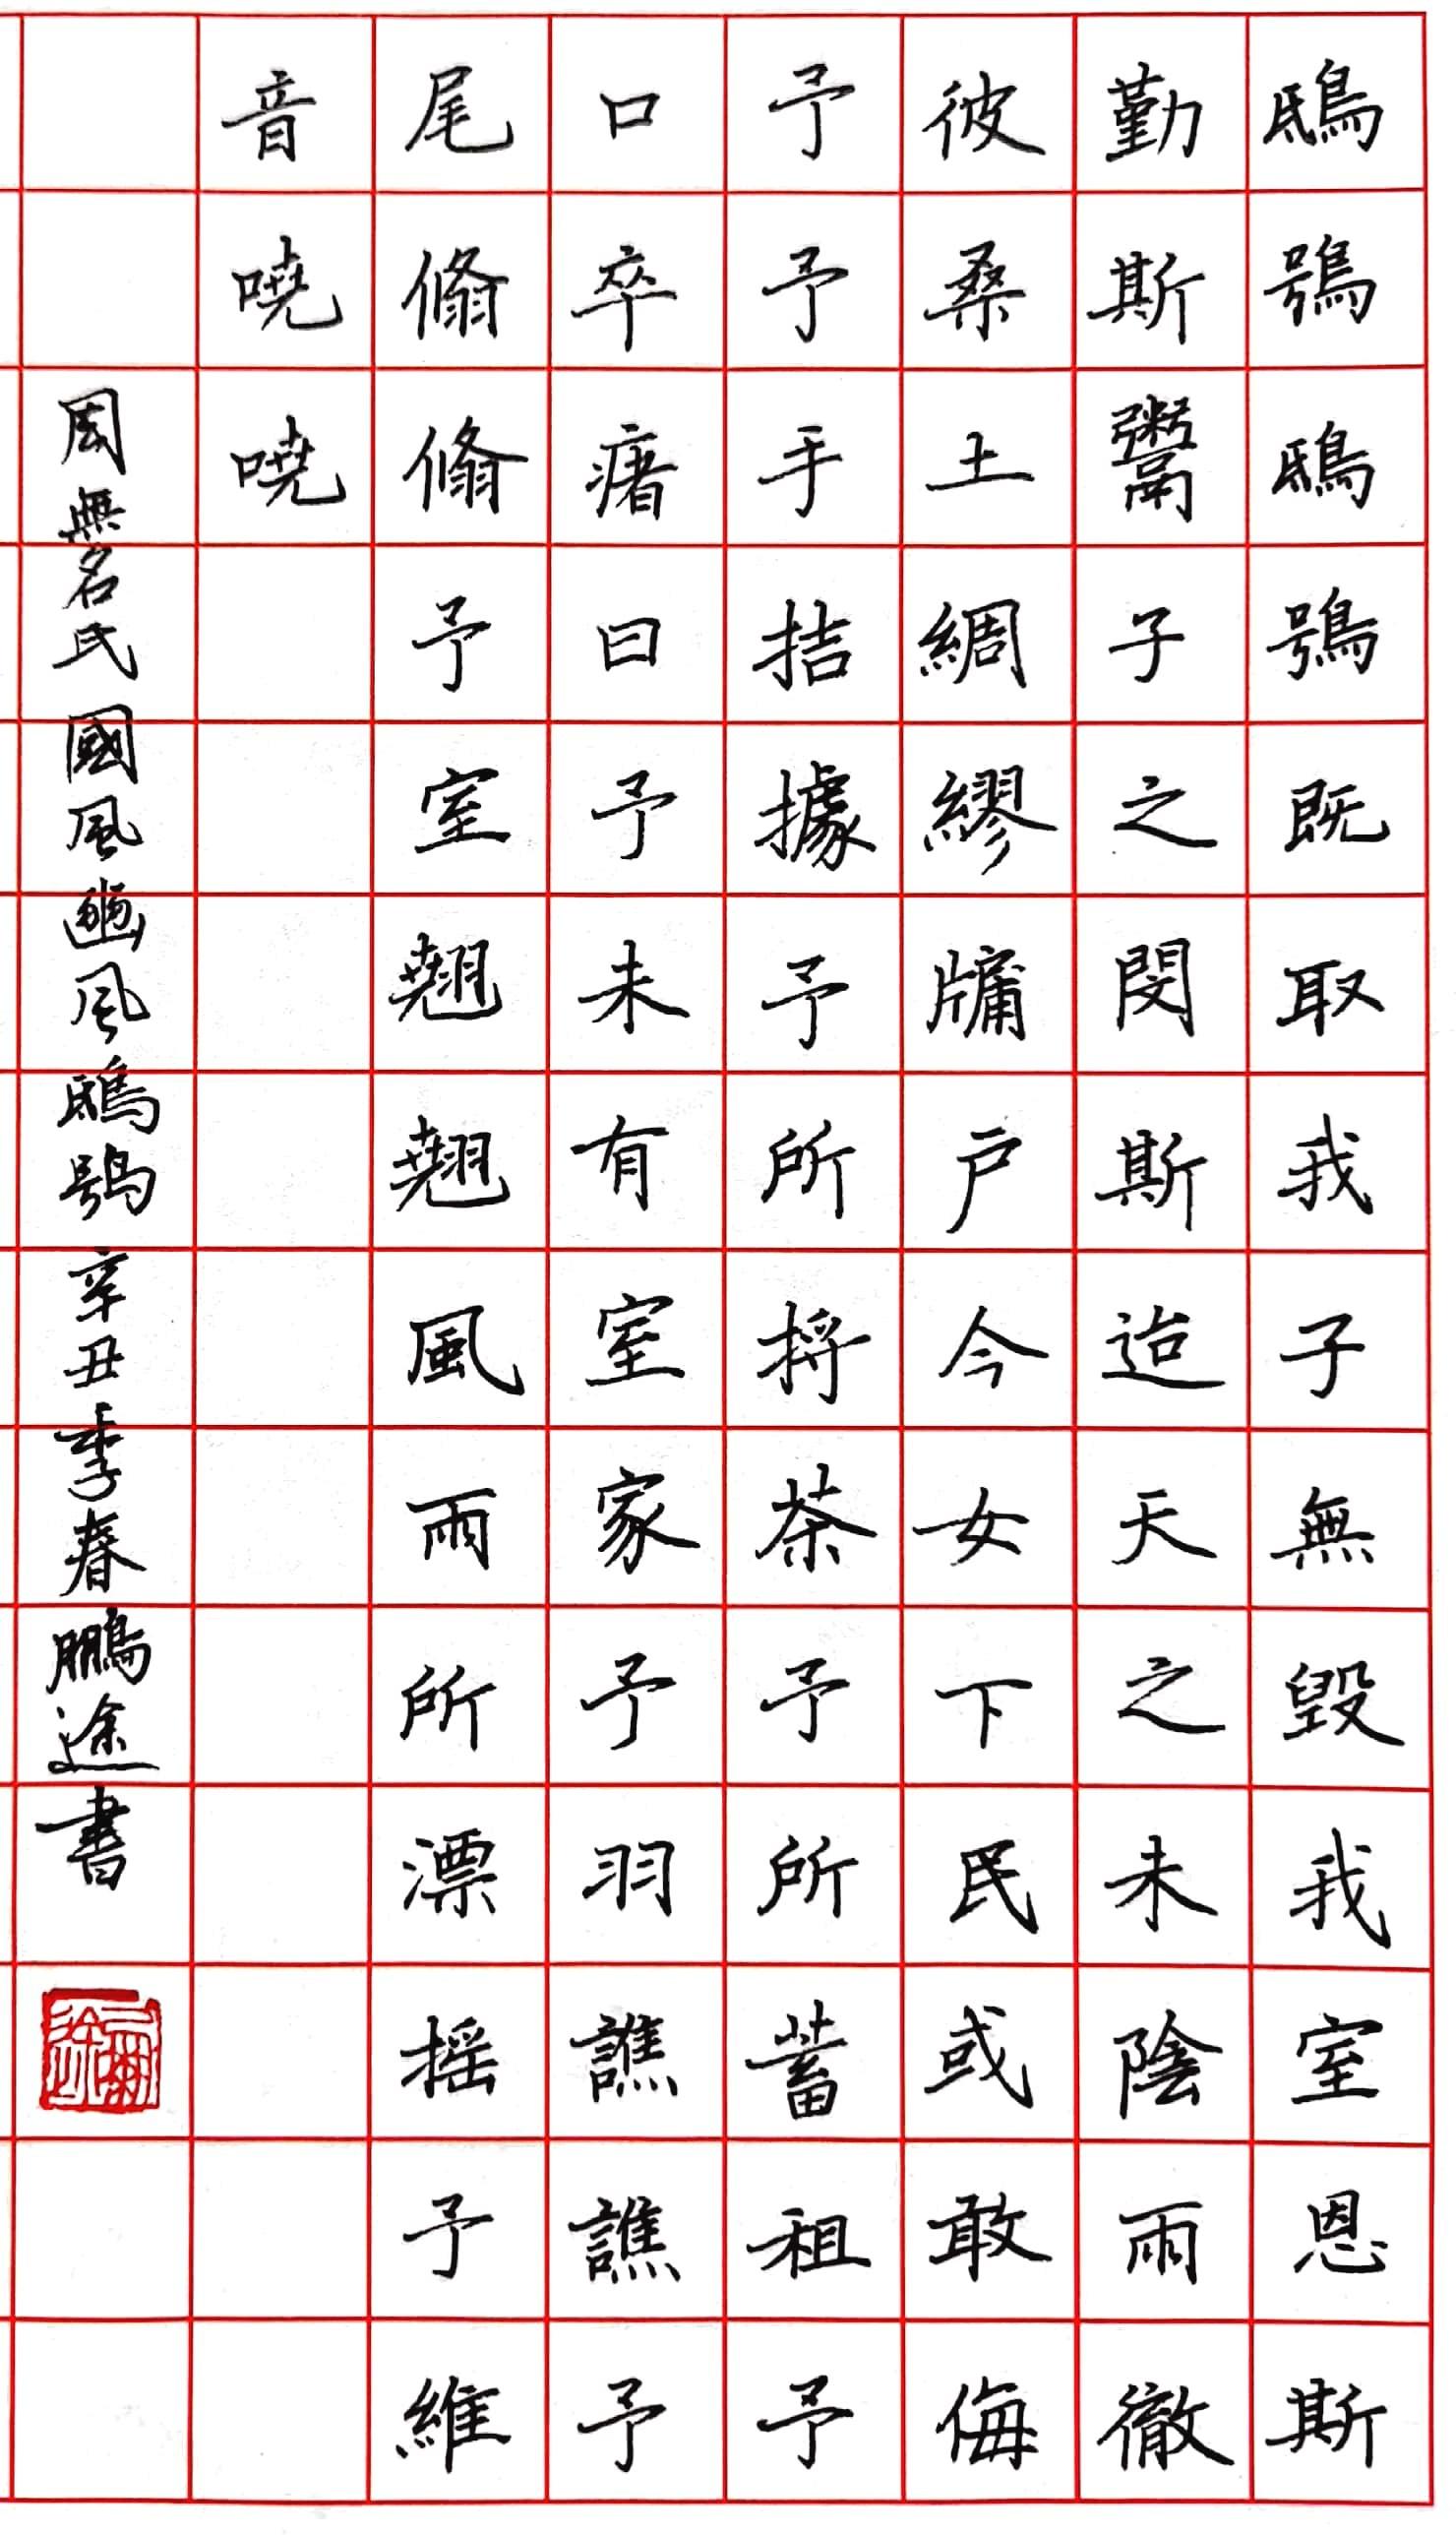 钢笔书法练字打卡20210427-16